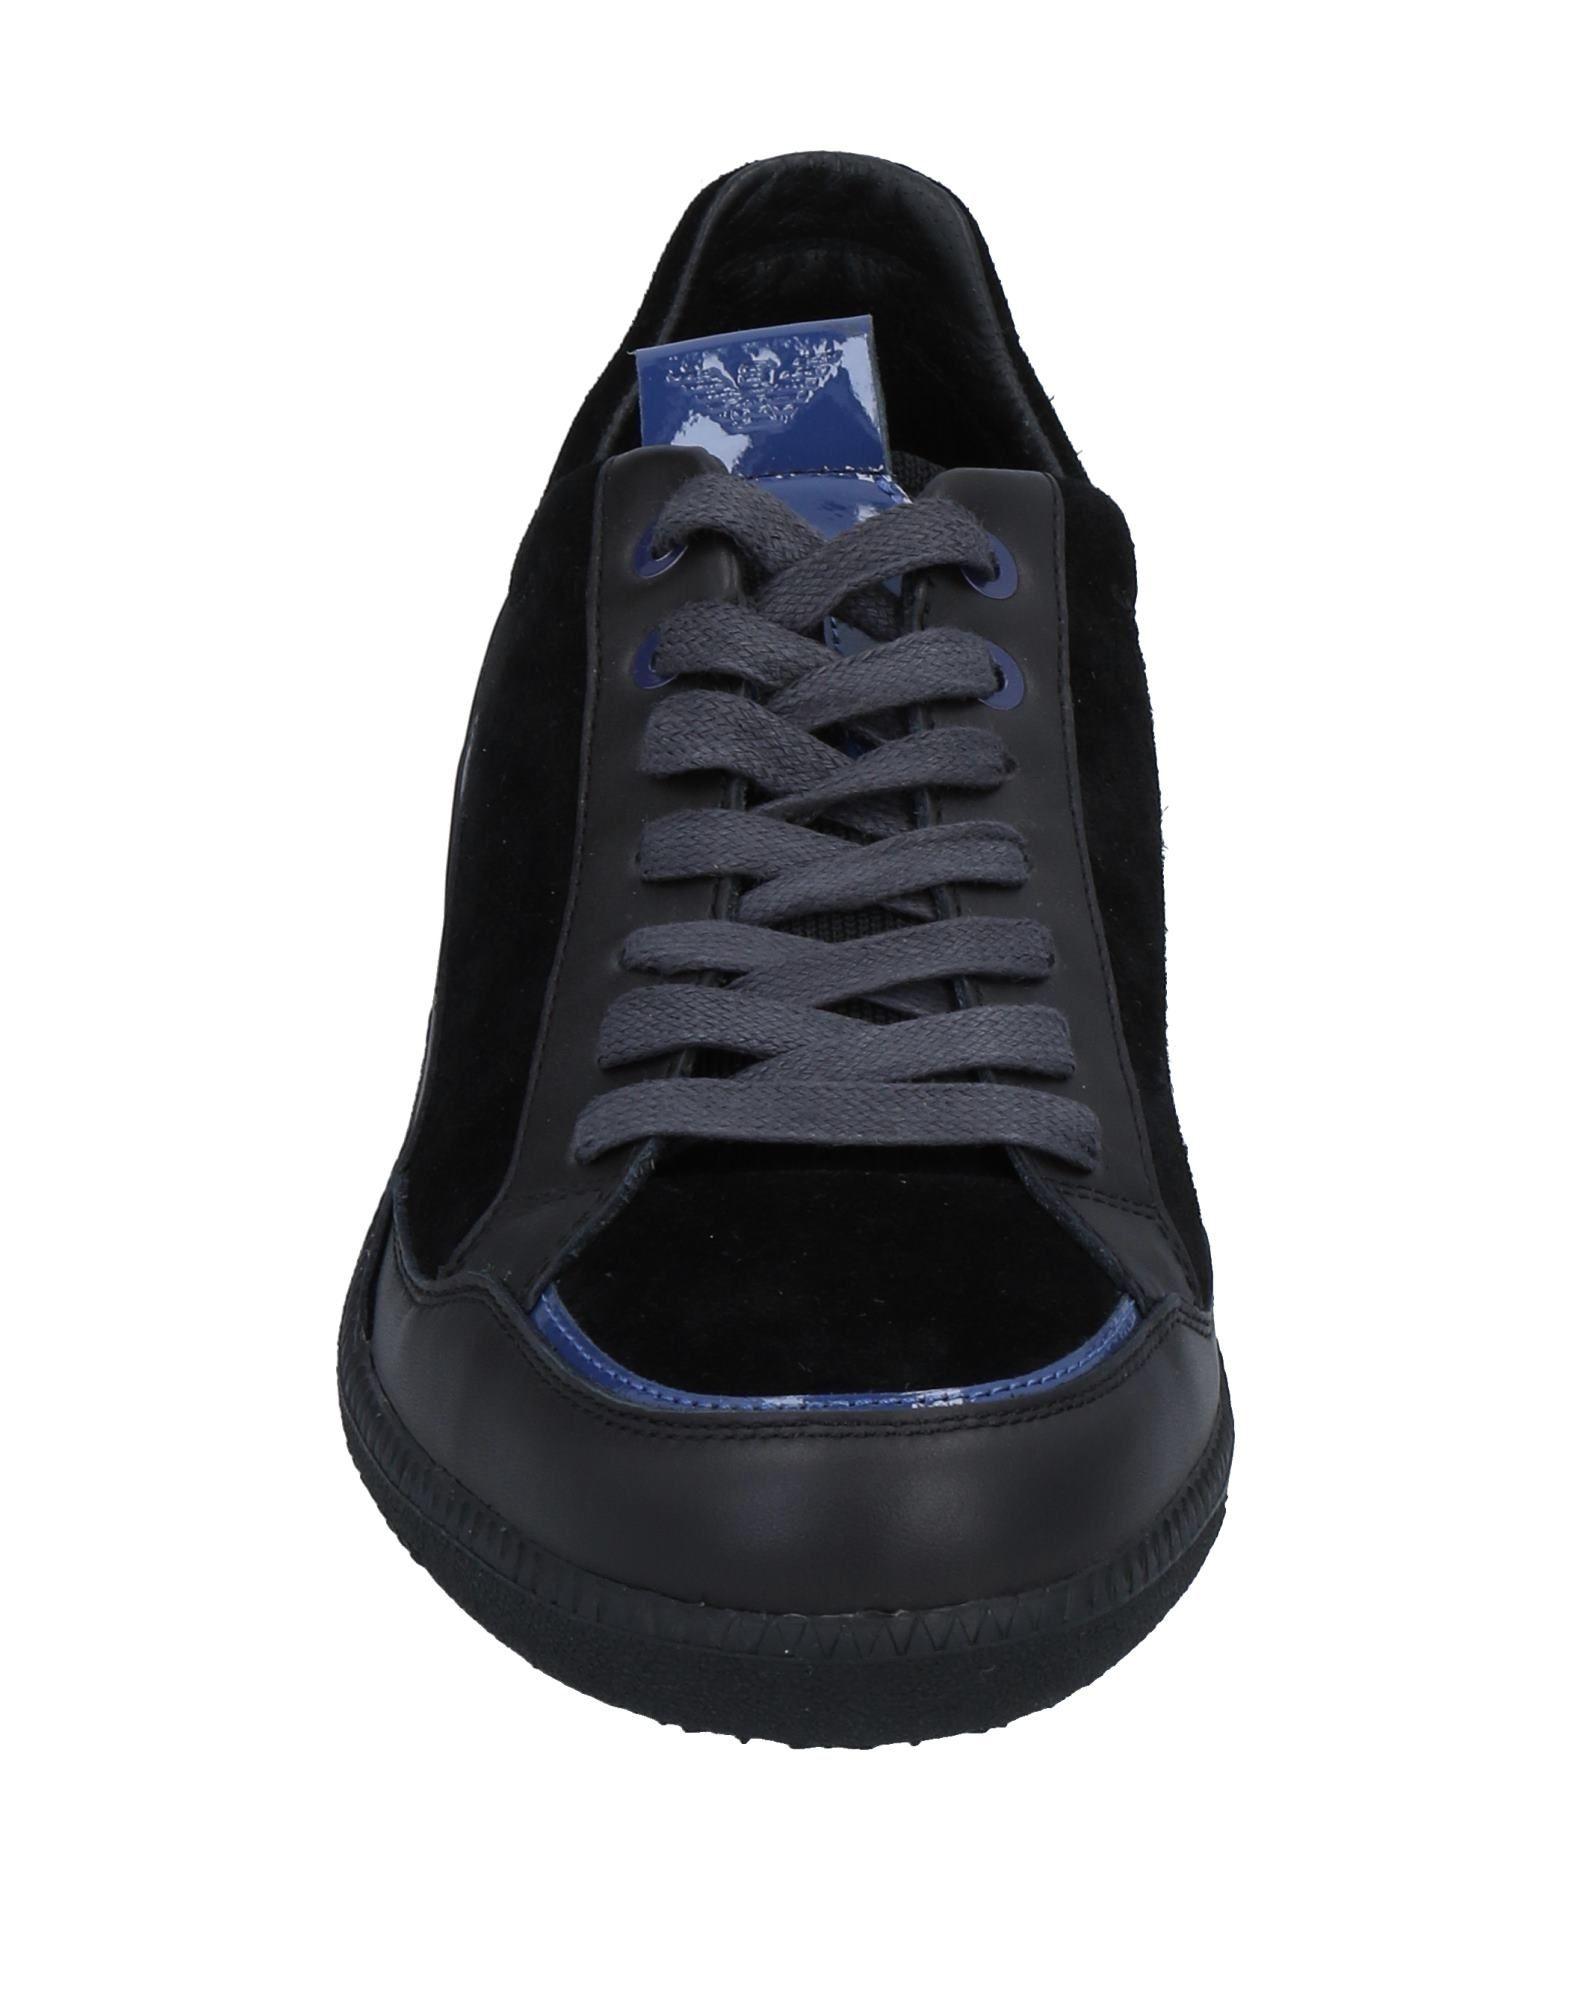 Rabatt echte Schuhe Herren Emporio Armani Sneakers Herren Schuhe  11529125CX 2f321f